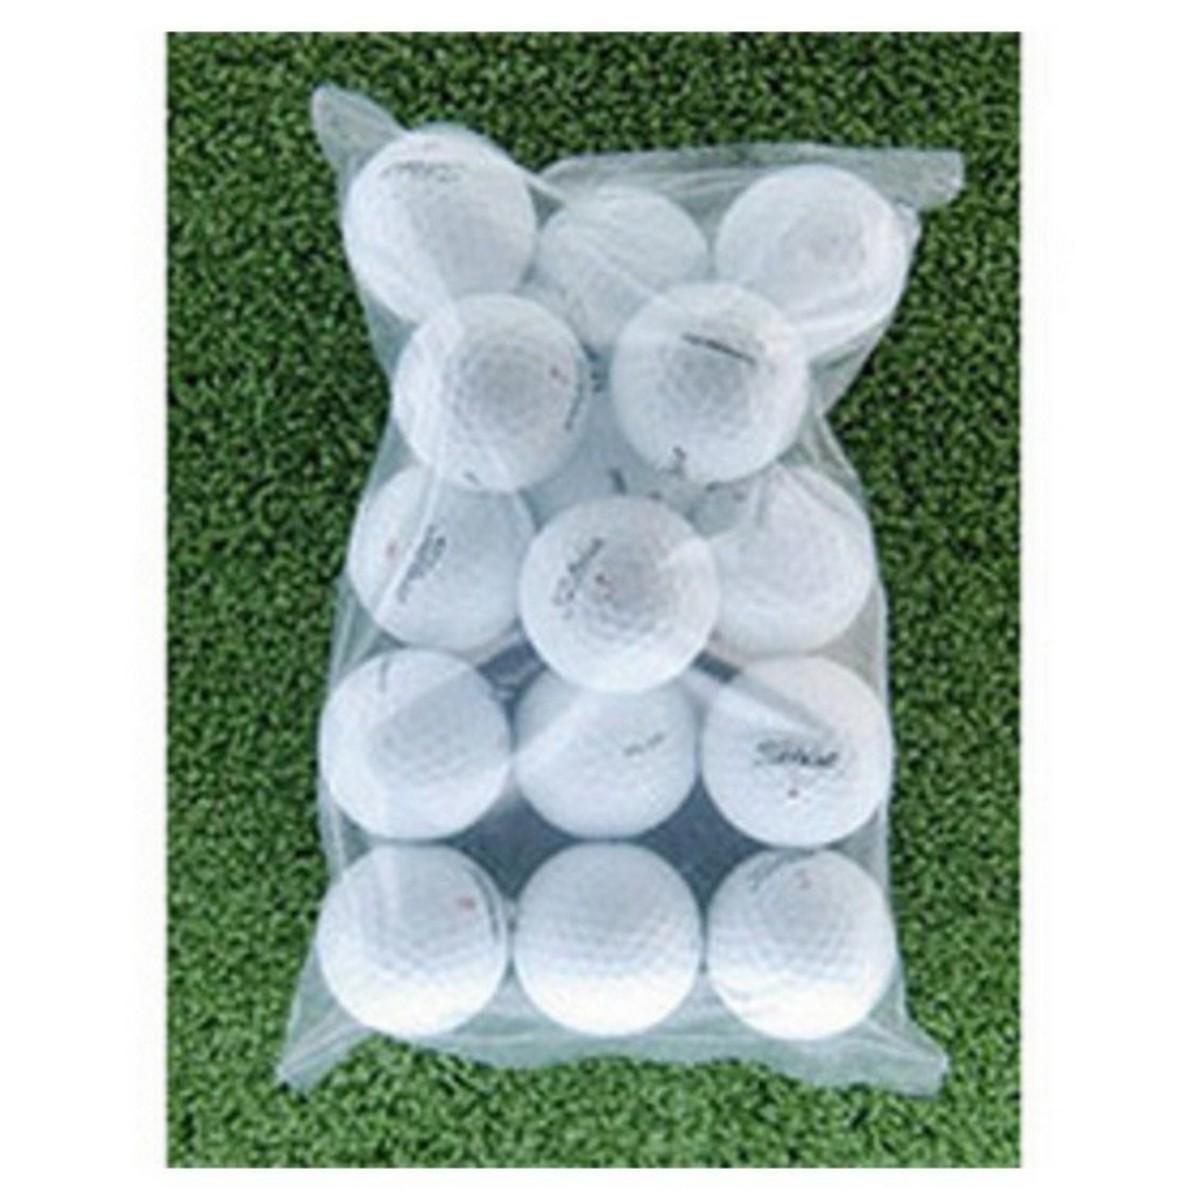 メイホウゴルフ ロストボール タイトリスト 小袋15球入り5パック75個セット